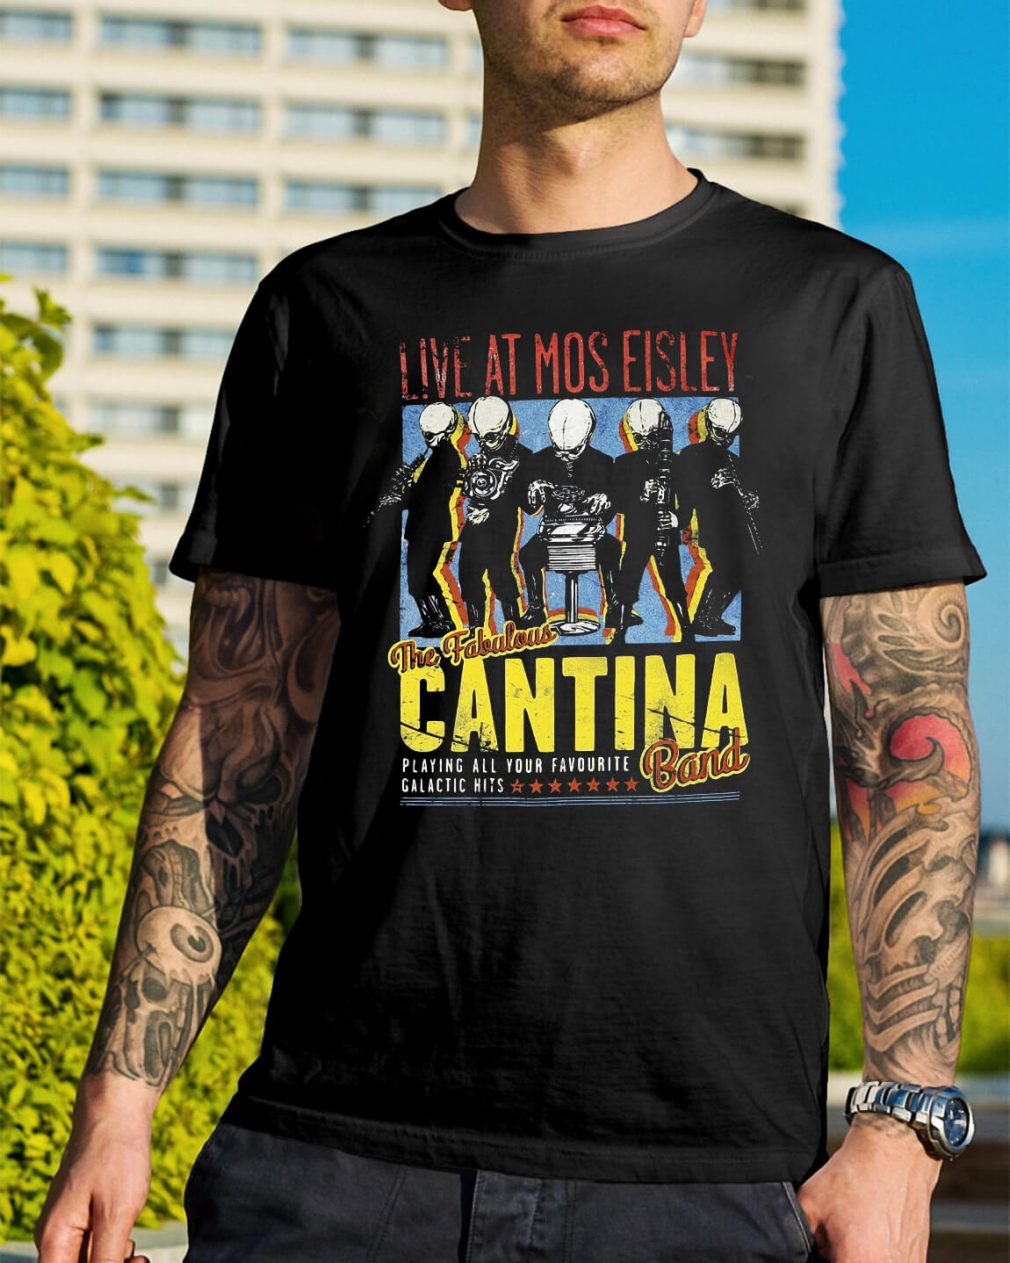 Live at Mos Eisley the Fabulous Cantina band shirt